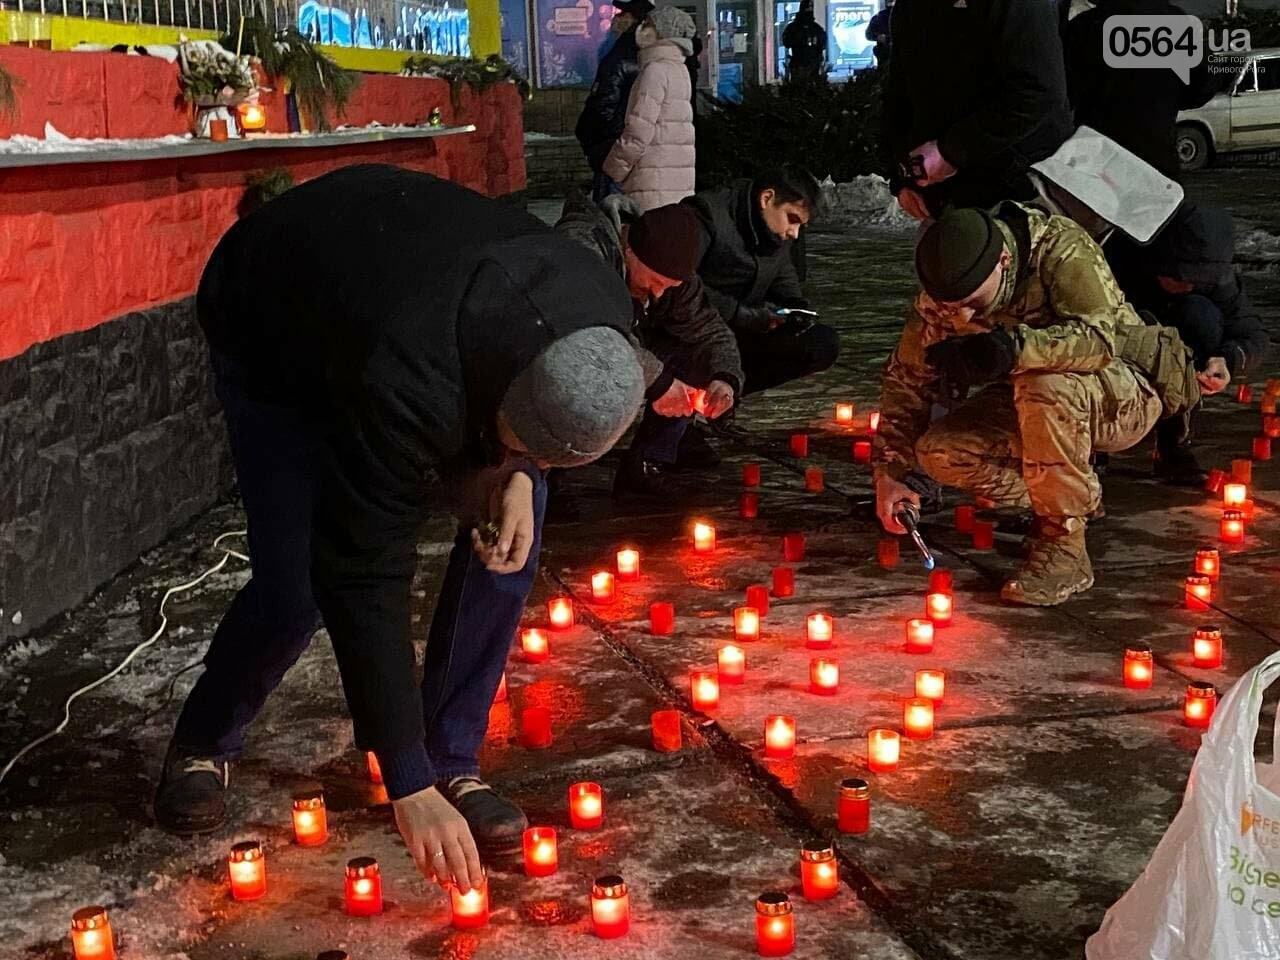 В Кривом Роге горожане вышли на митинг-реквием чтобы почтить память Героев Небесной Сотни, - ФОТО, ВИДЕО, фото-17